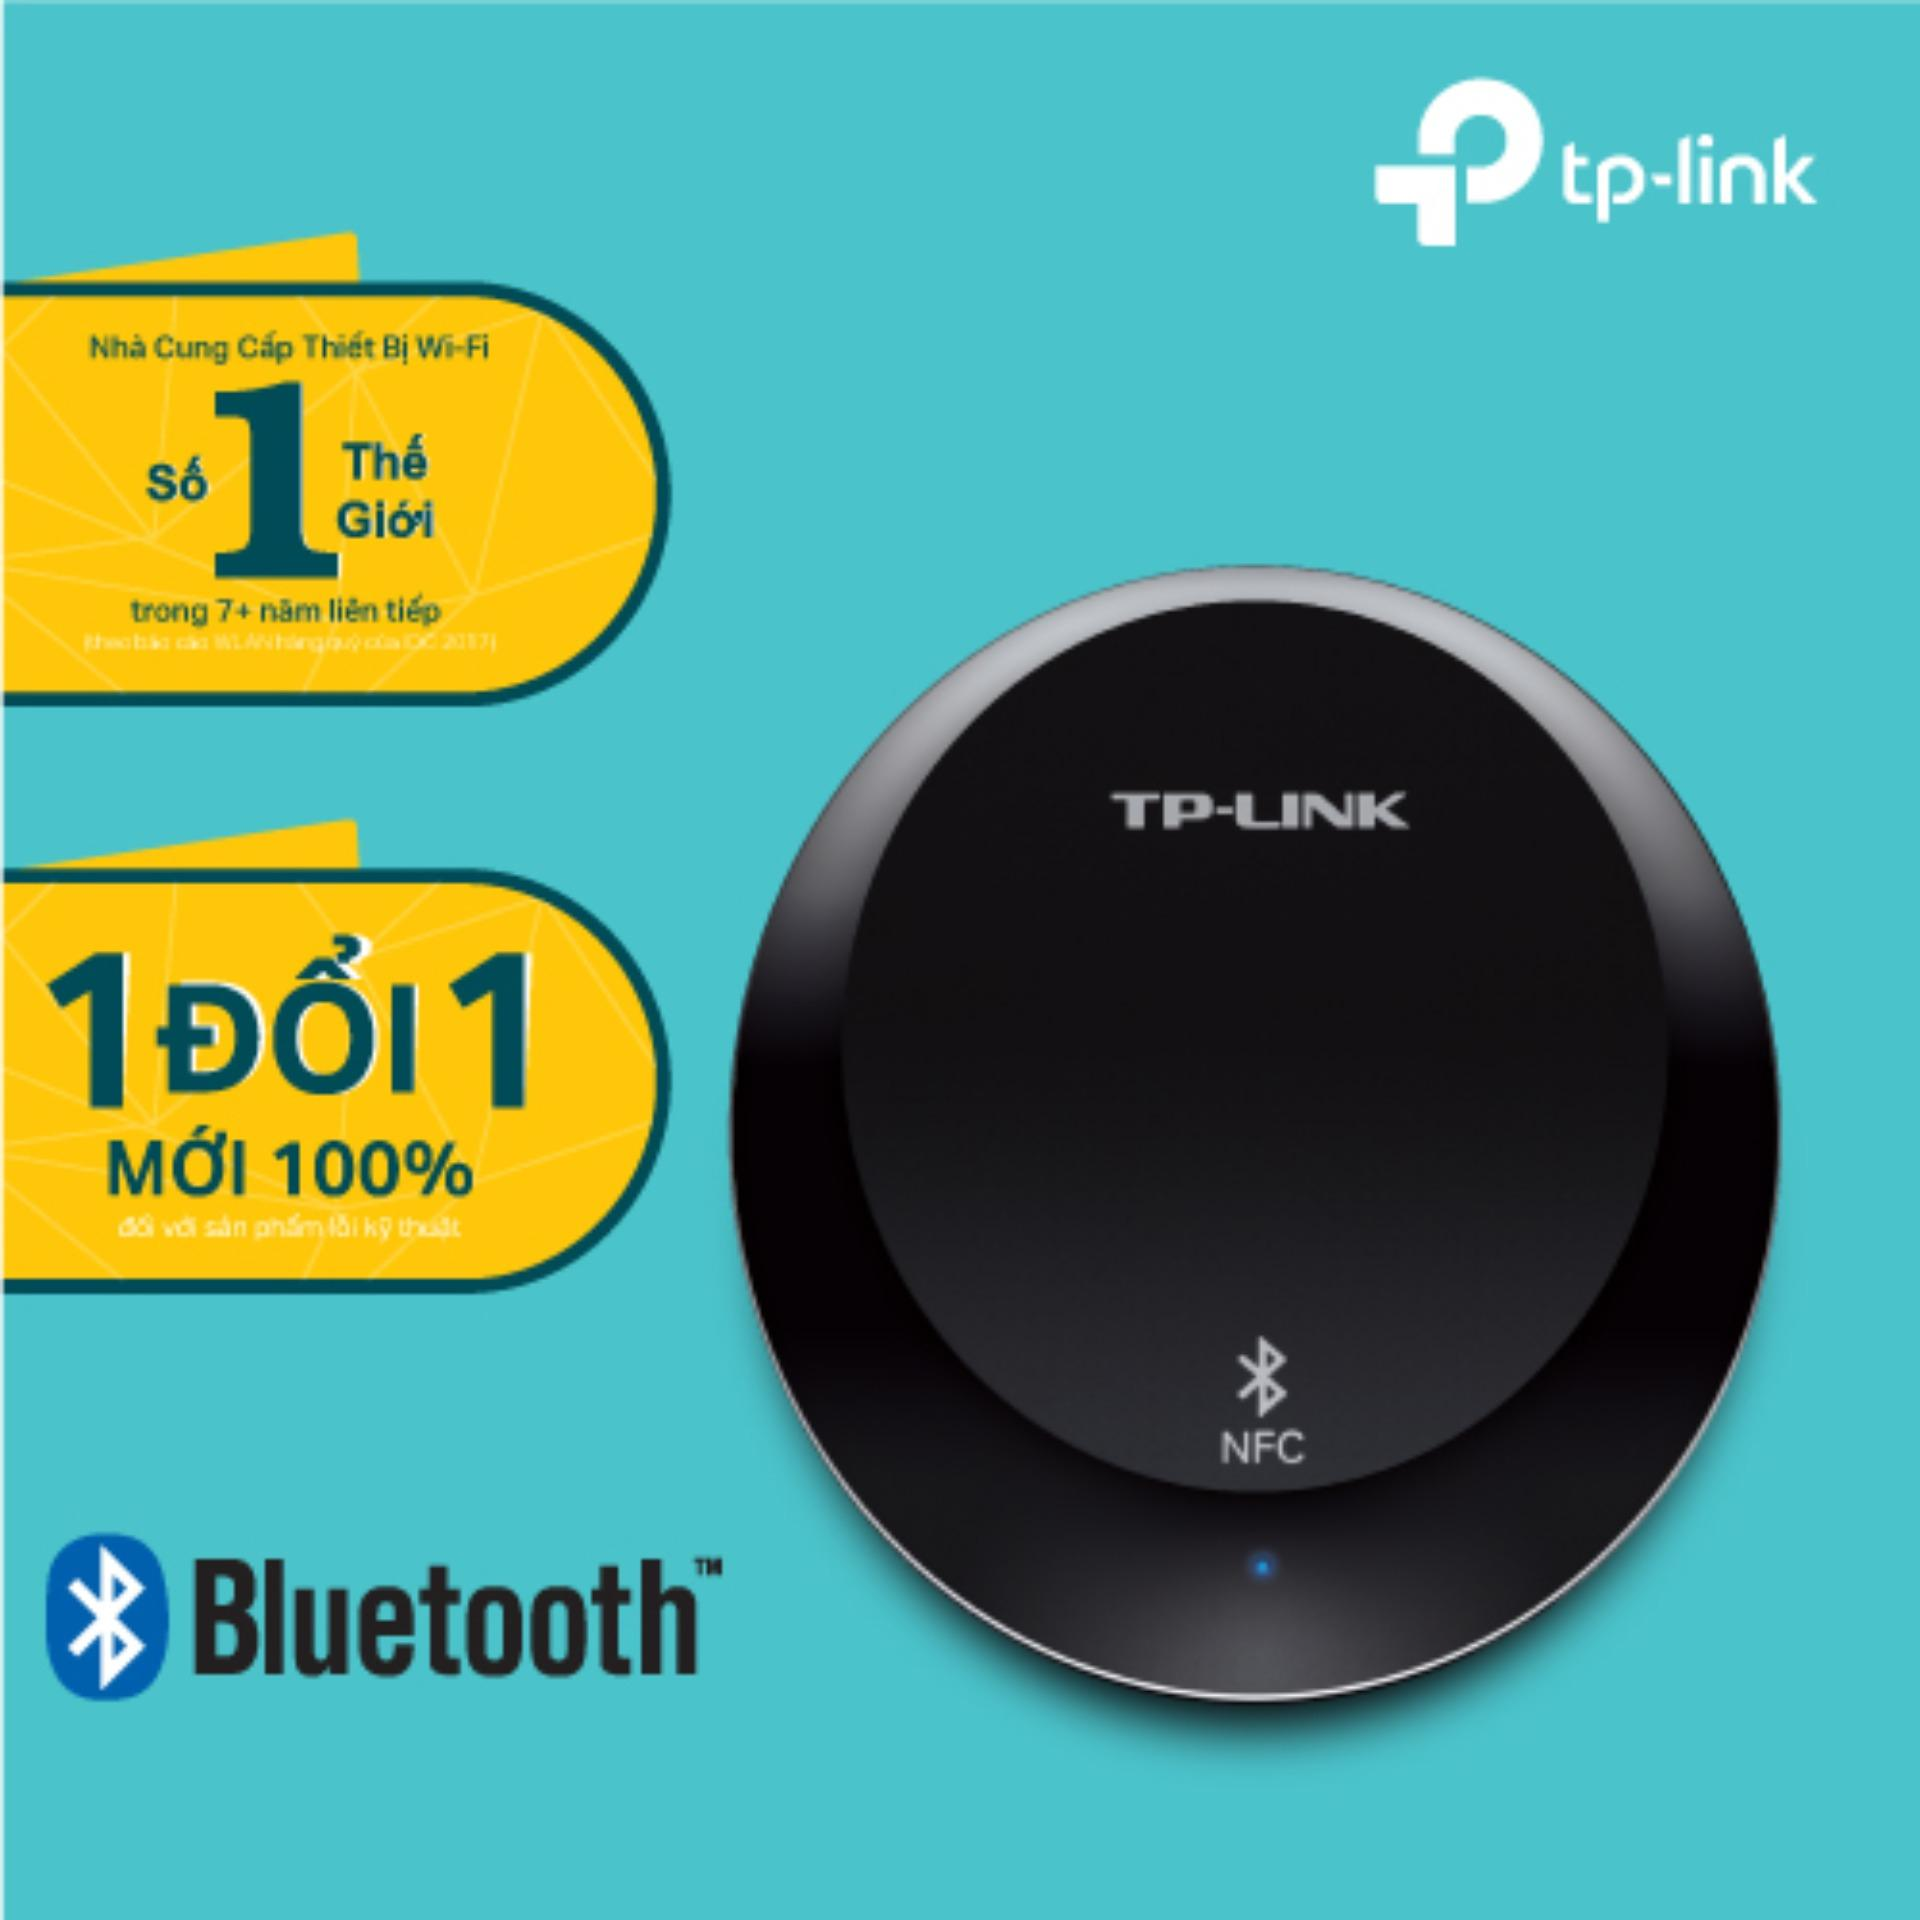 TP-Link - HA100 - Bluetooth Music Receiver - Hãng phân phối chính thức